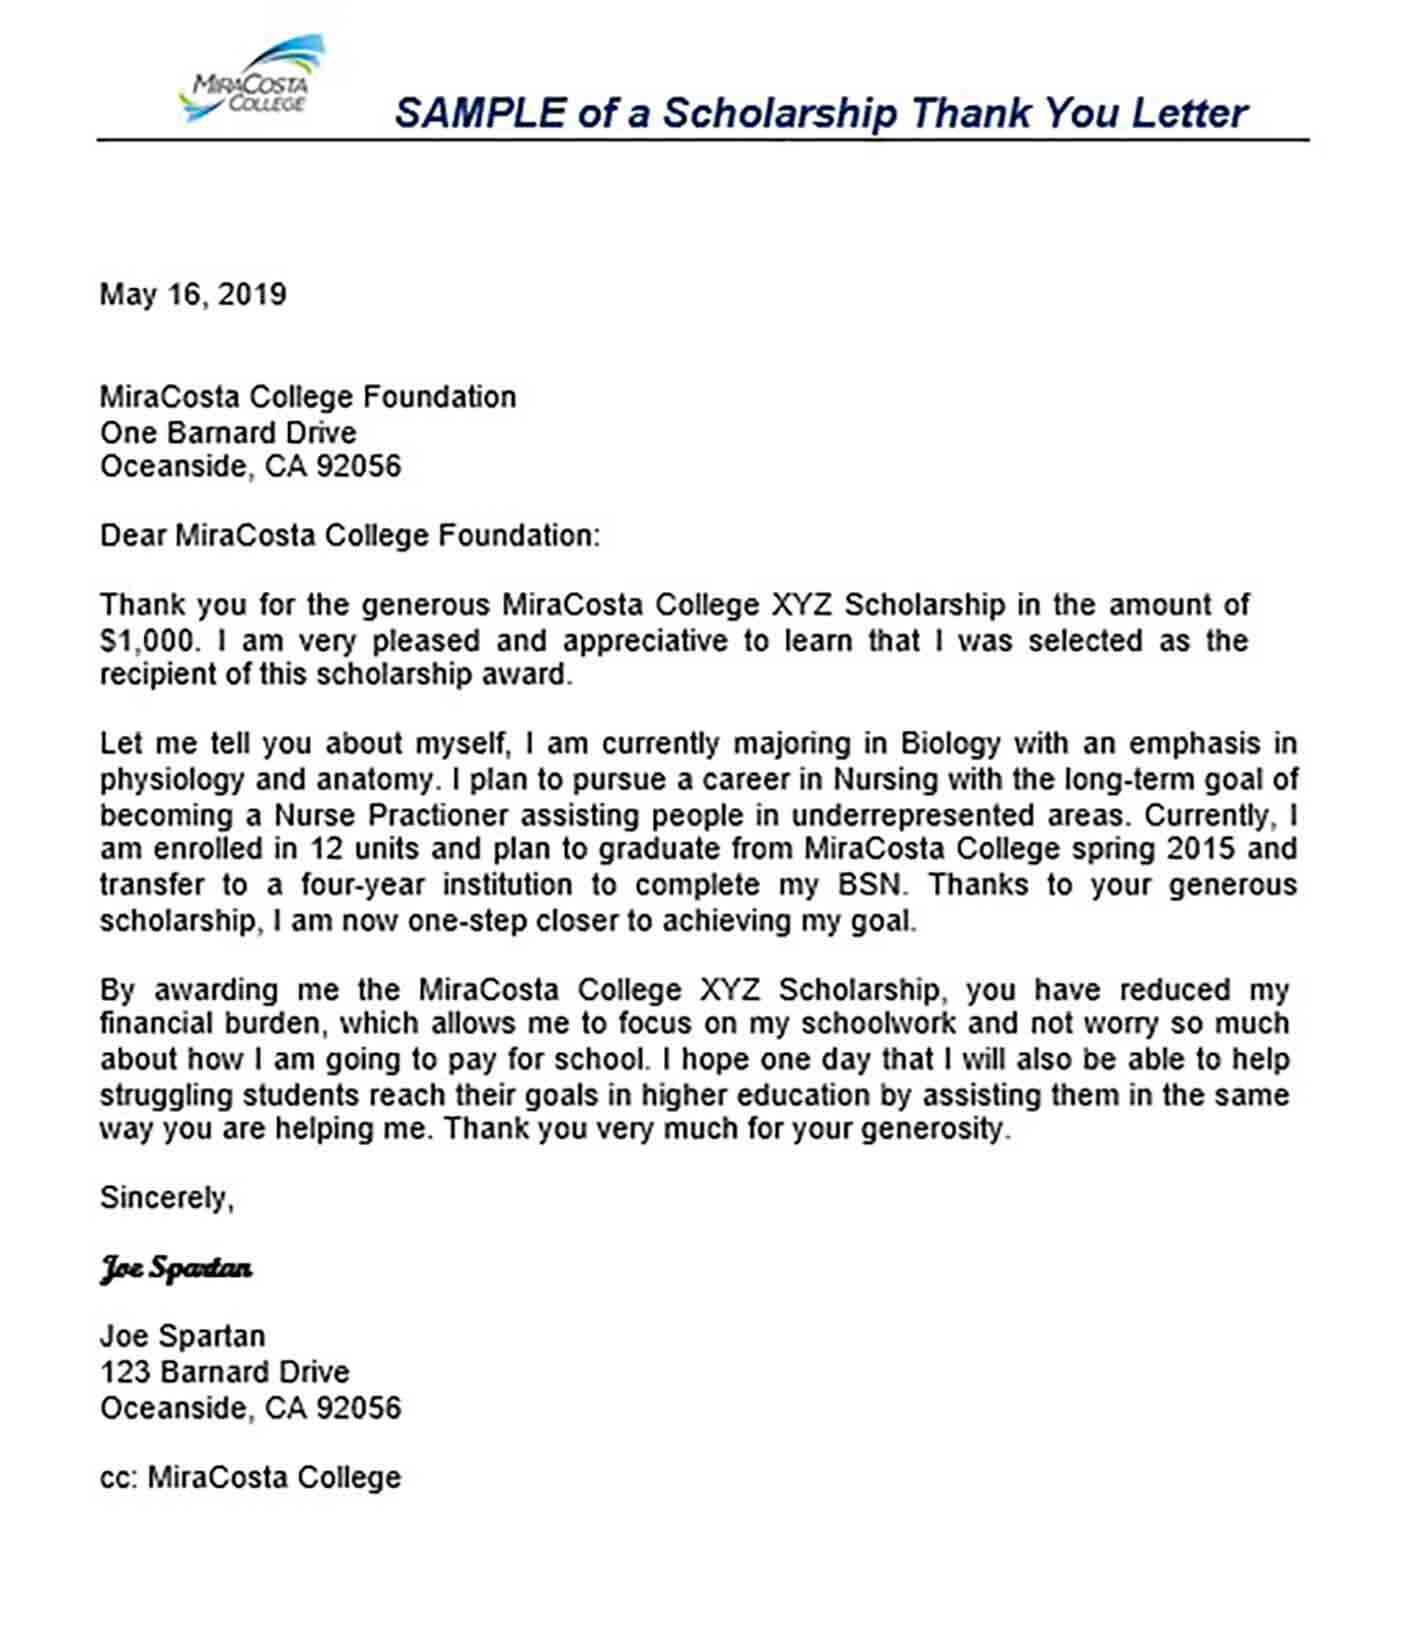 Sample Scholarship Thank You Letter Format mnn